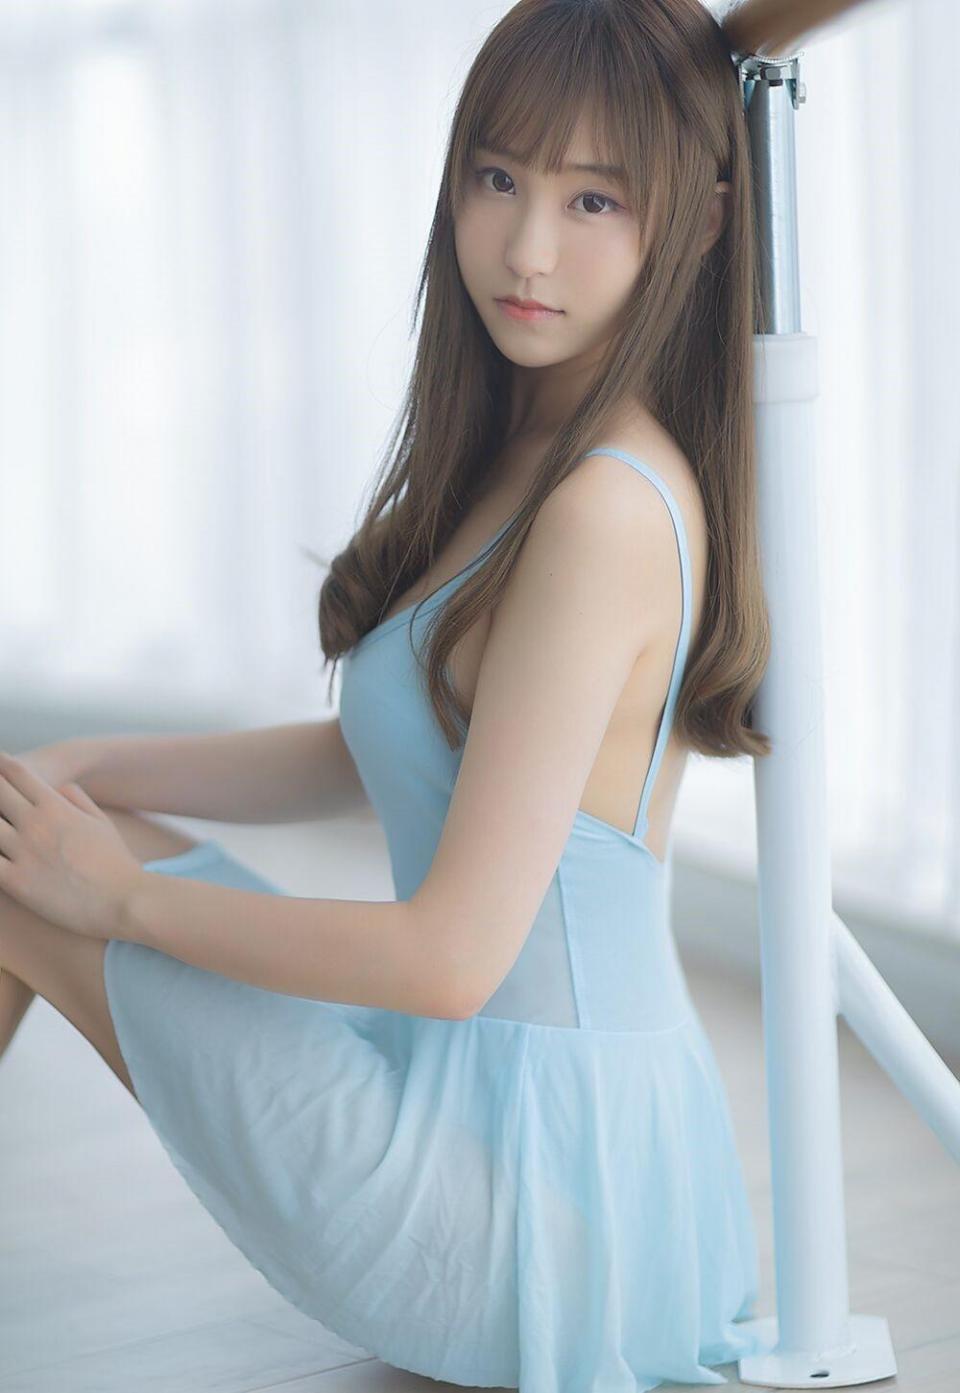 哪个省女孩最漂亮排名(中国哪个省的女人最美)